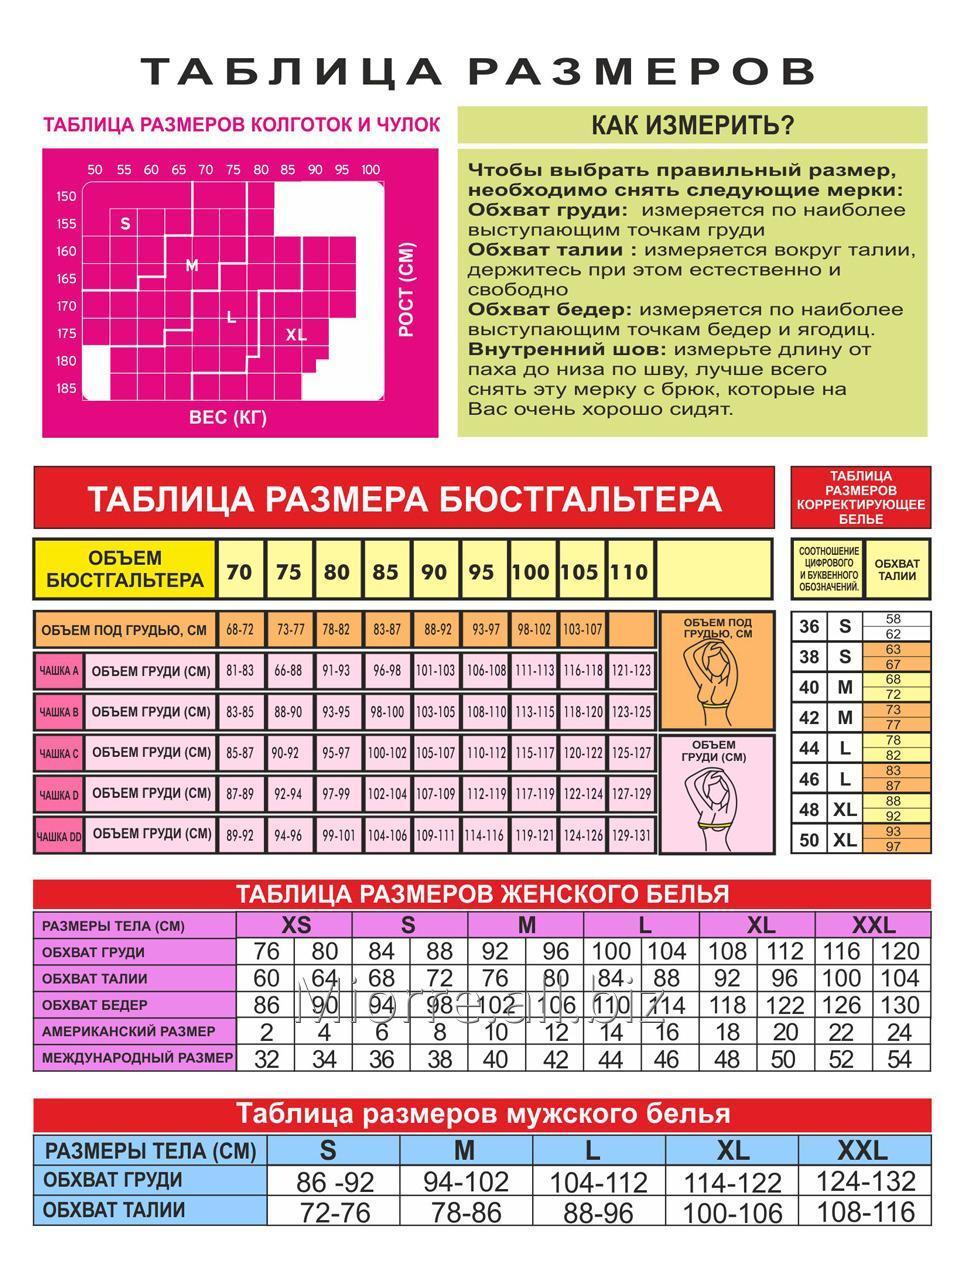 komplekt_kamisol_i_shorty_miorre_001_018269